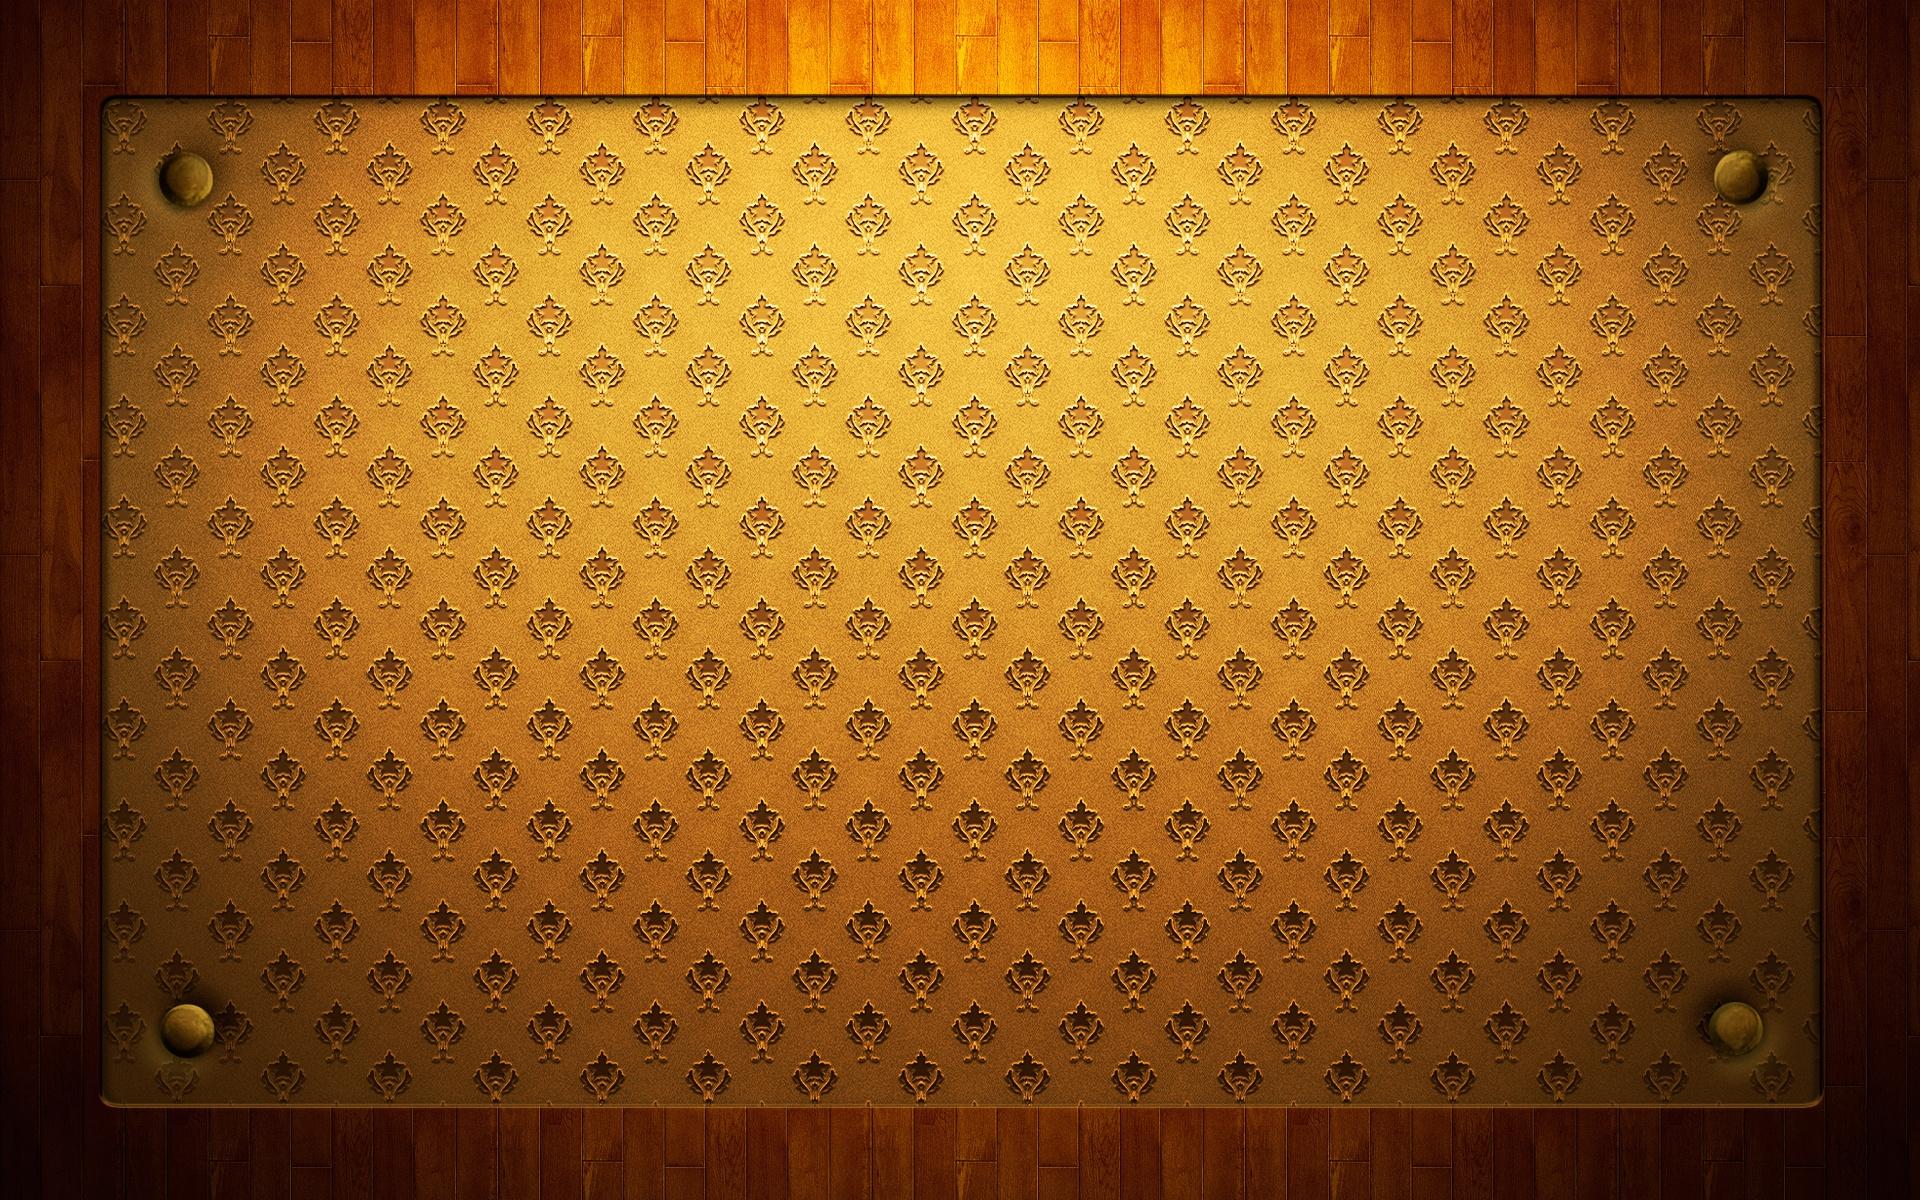 Wallpaper Surface Patterns Buttons Wood Carpet 1920x1200 Goodfon 734418 Hd Wallpapers Wallhere